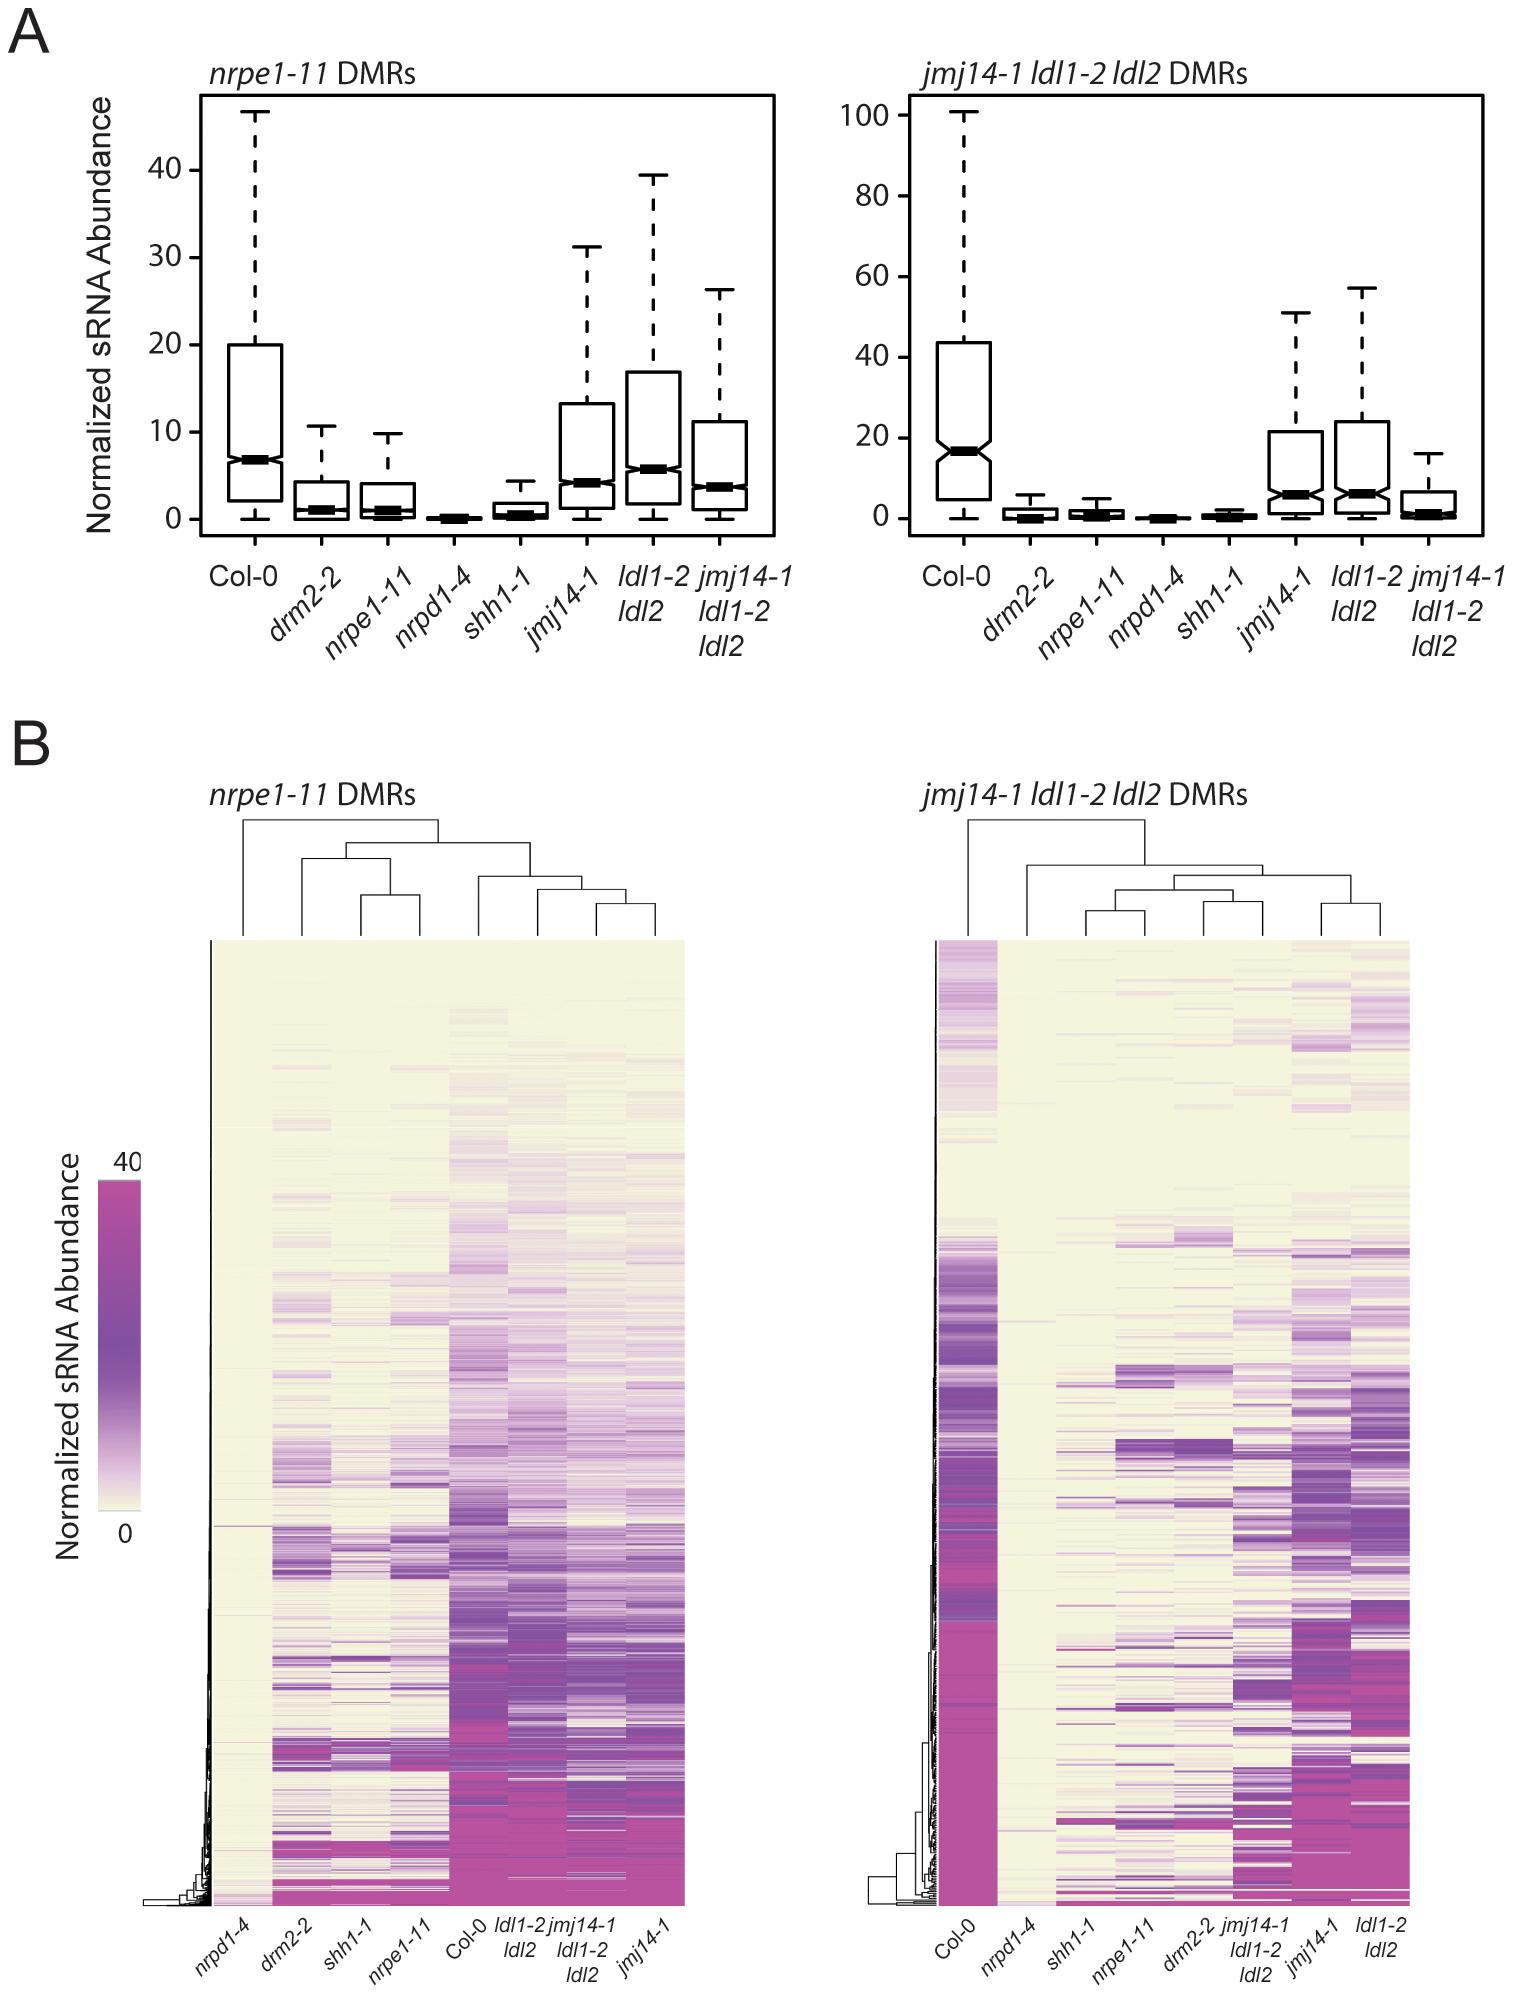 <i>jmj14-1 ldl1-2 ldl2</i> triple mutants are deficient for sRNA production at affected DMRs.